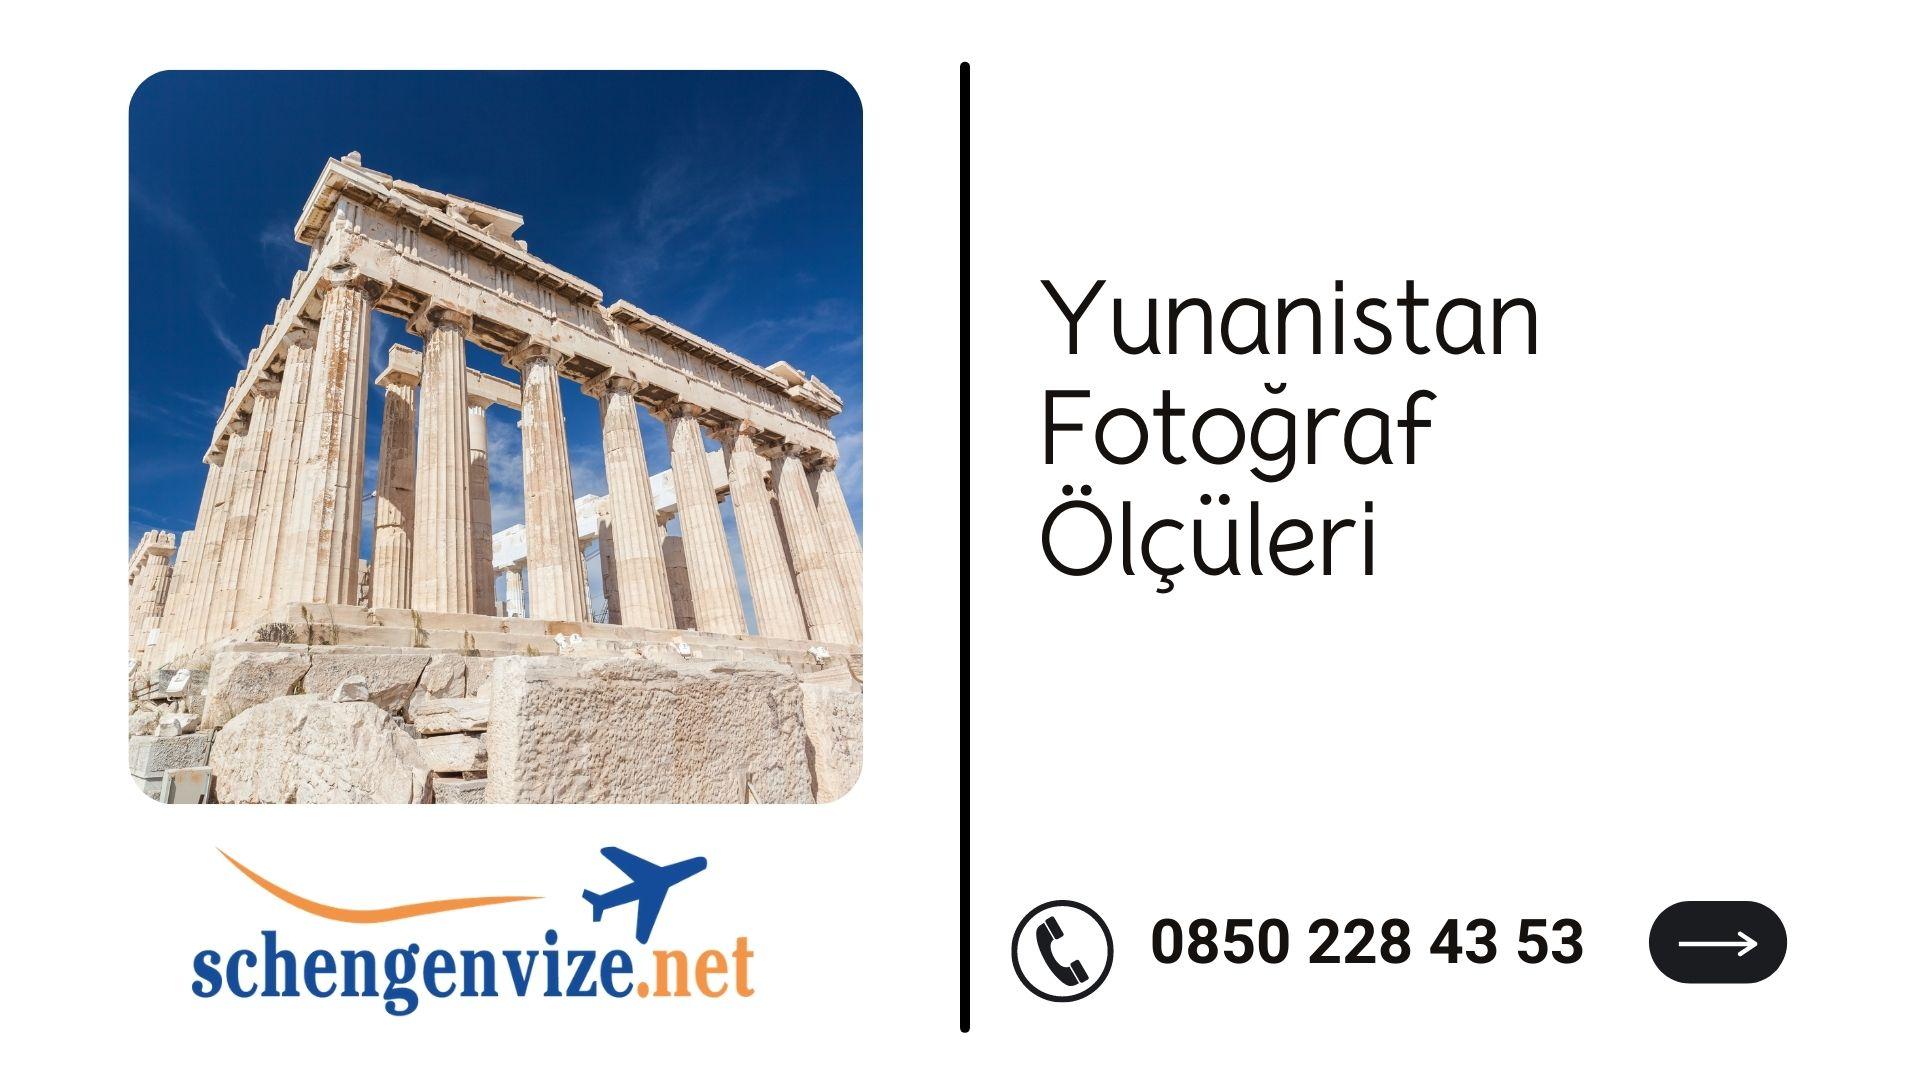 Yunanistan Fotoğraf Ölçüleri